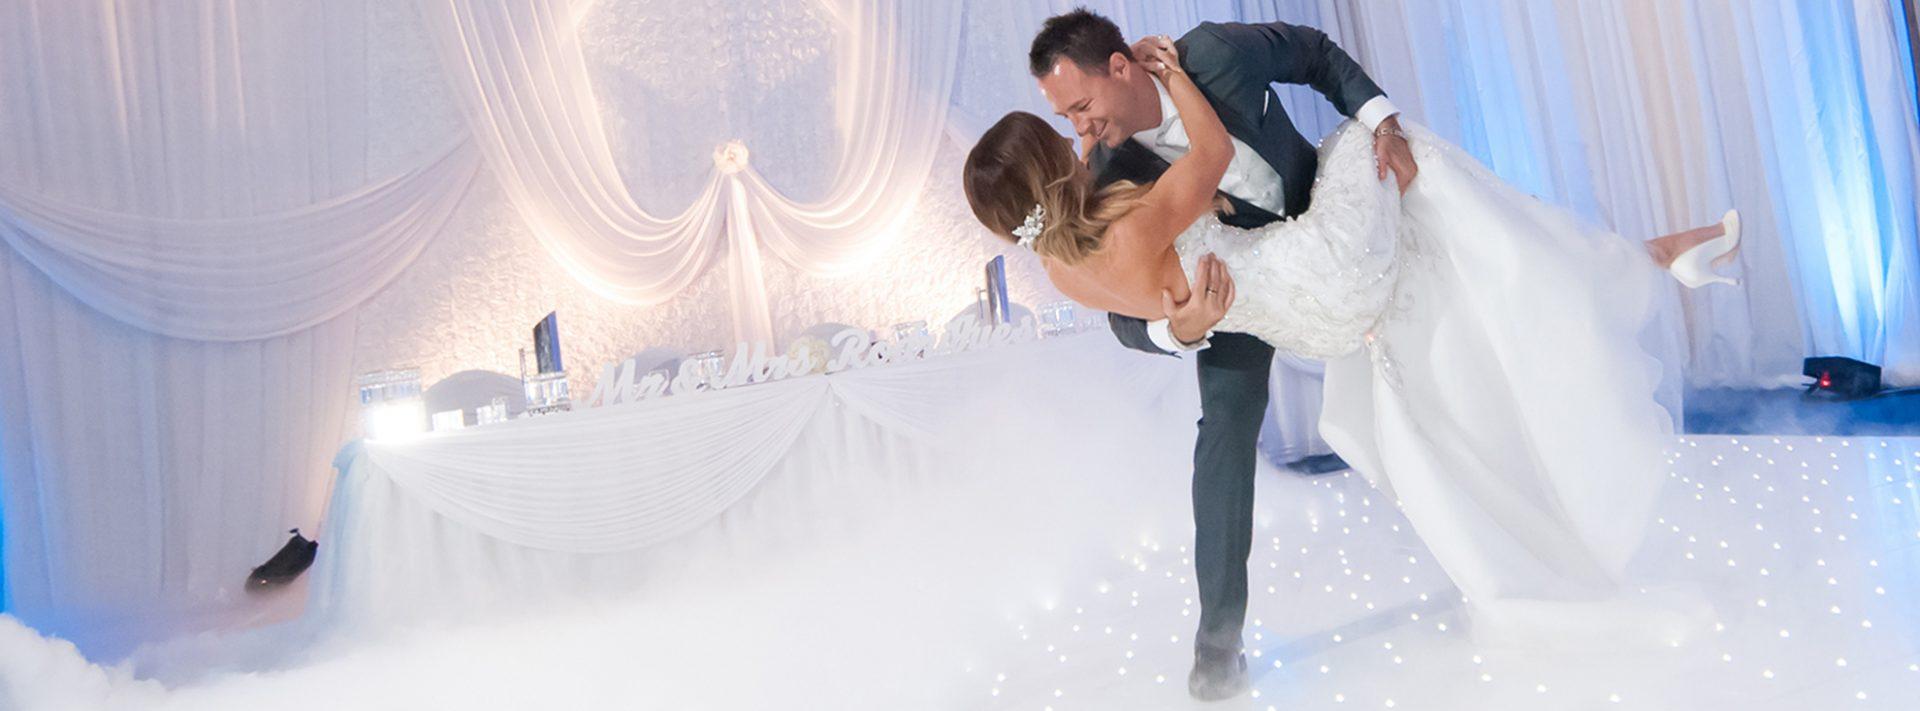 Starlok portable dance floor in Burswood on Swan Black